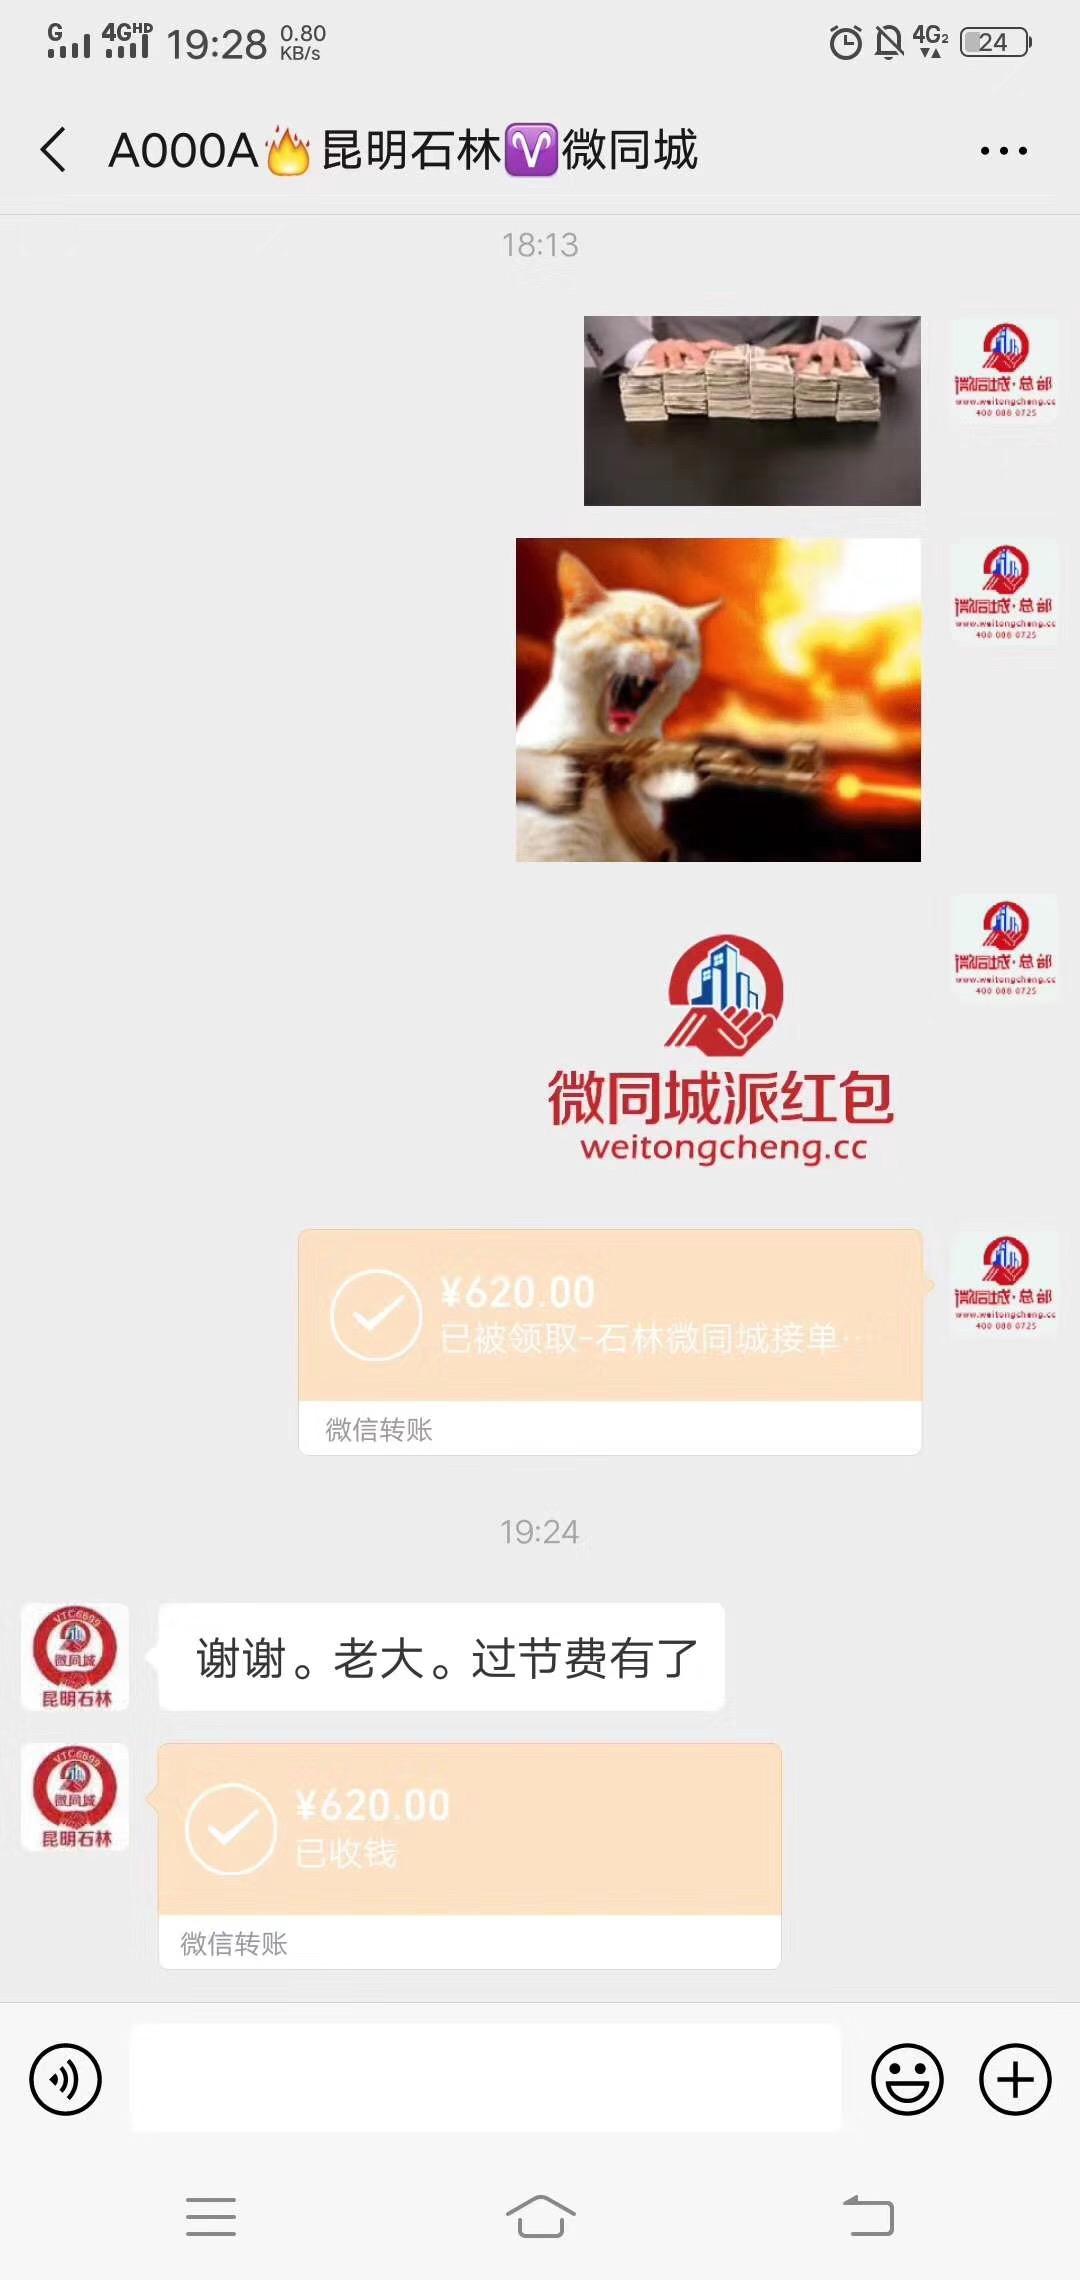 【收620】昆明石林微全城微帮广告佣金